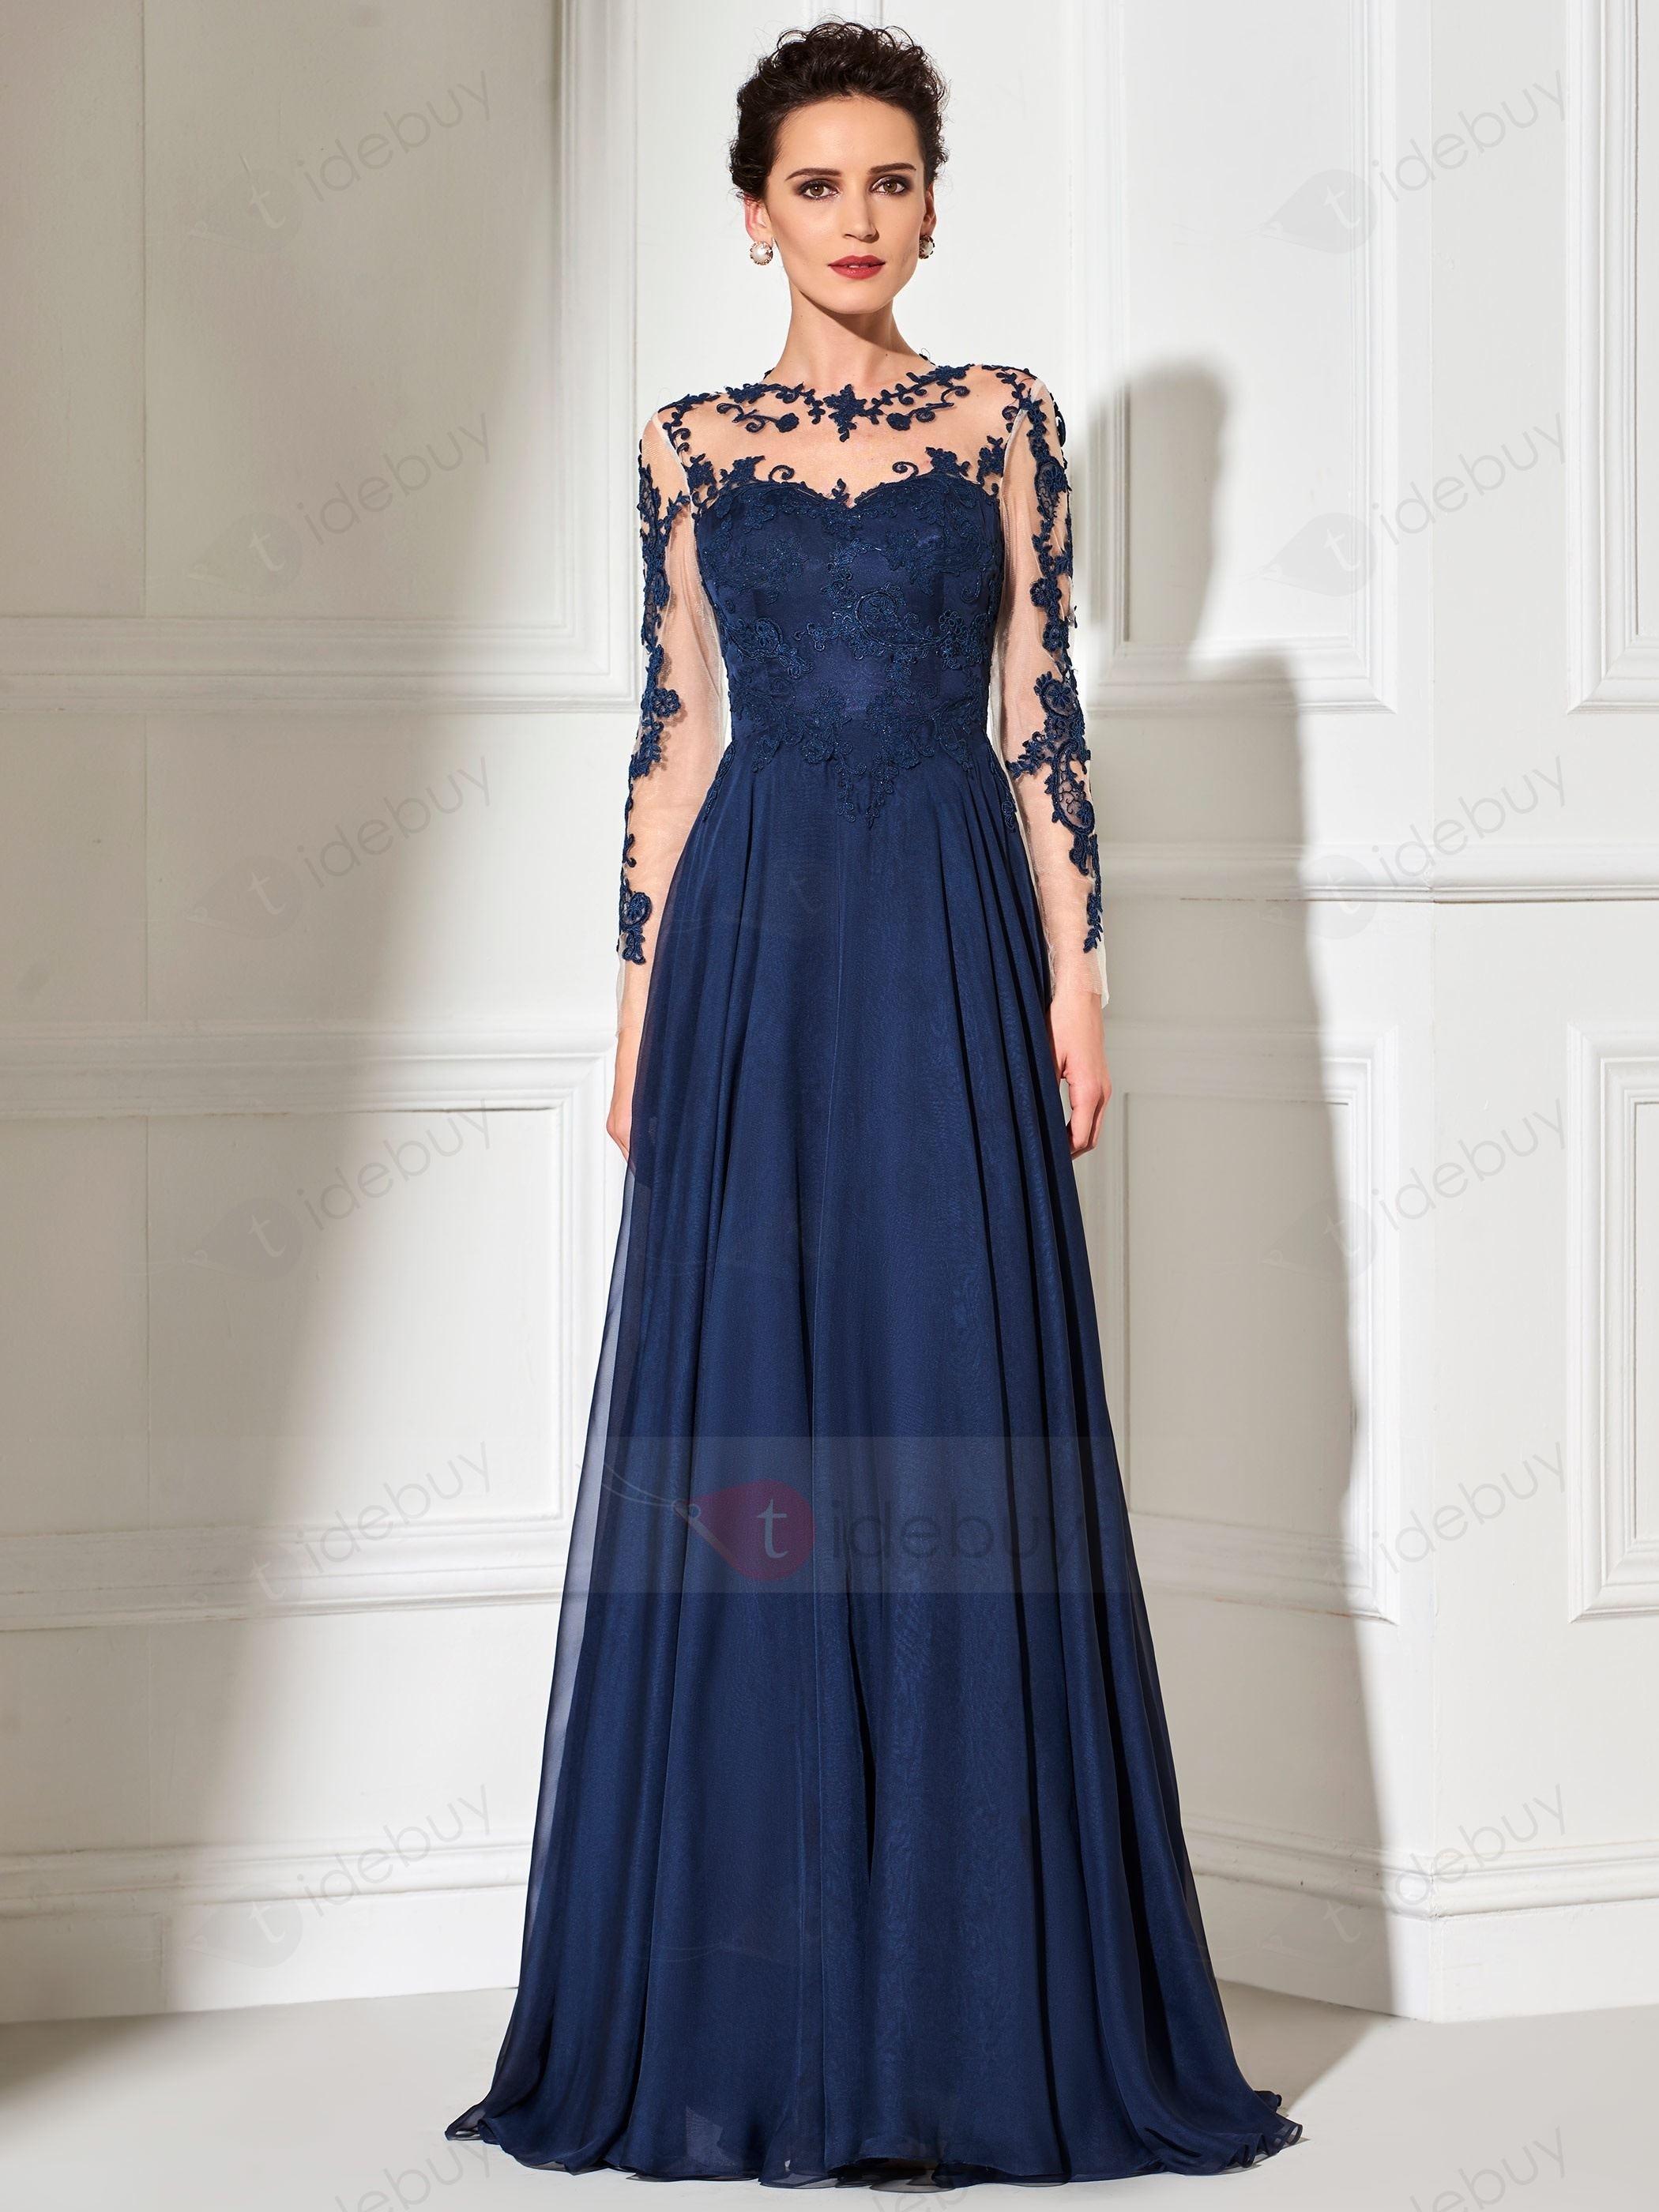 Spektakulär Elegante Abendkleider Lang Schwarz Vertrieb13 Leicht Elegante Abendkleider Lang Schwarz Boutique